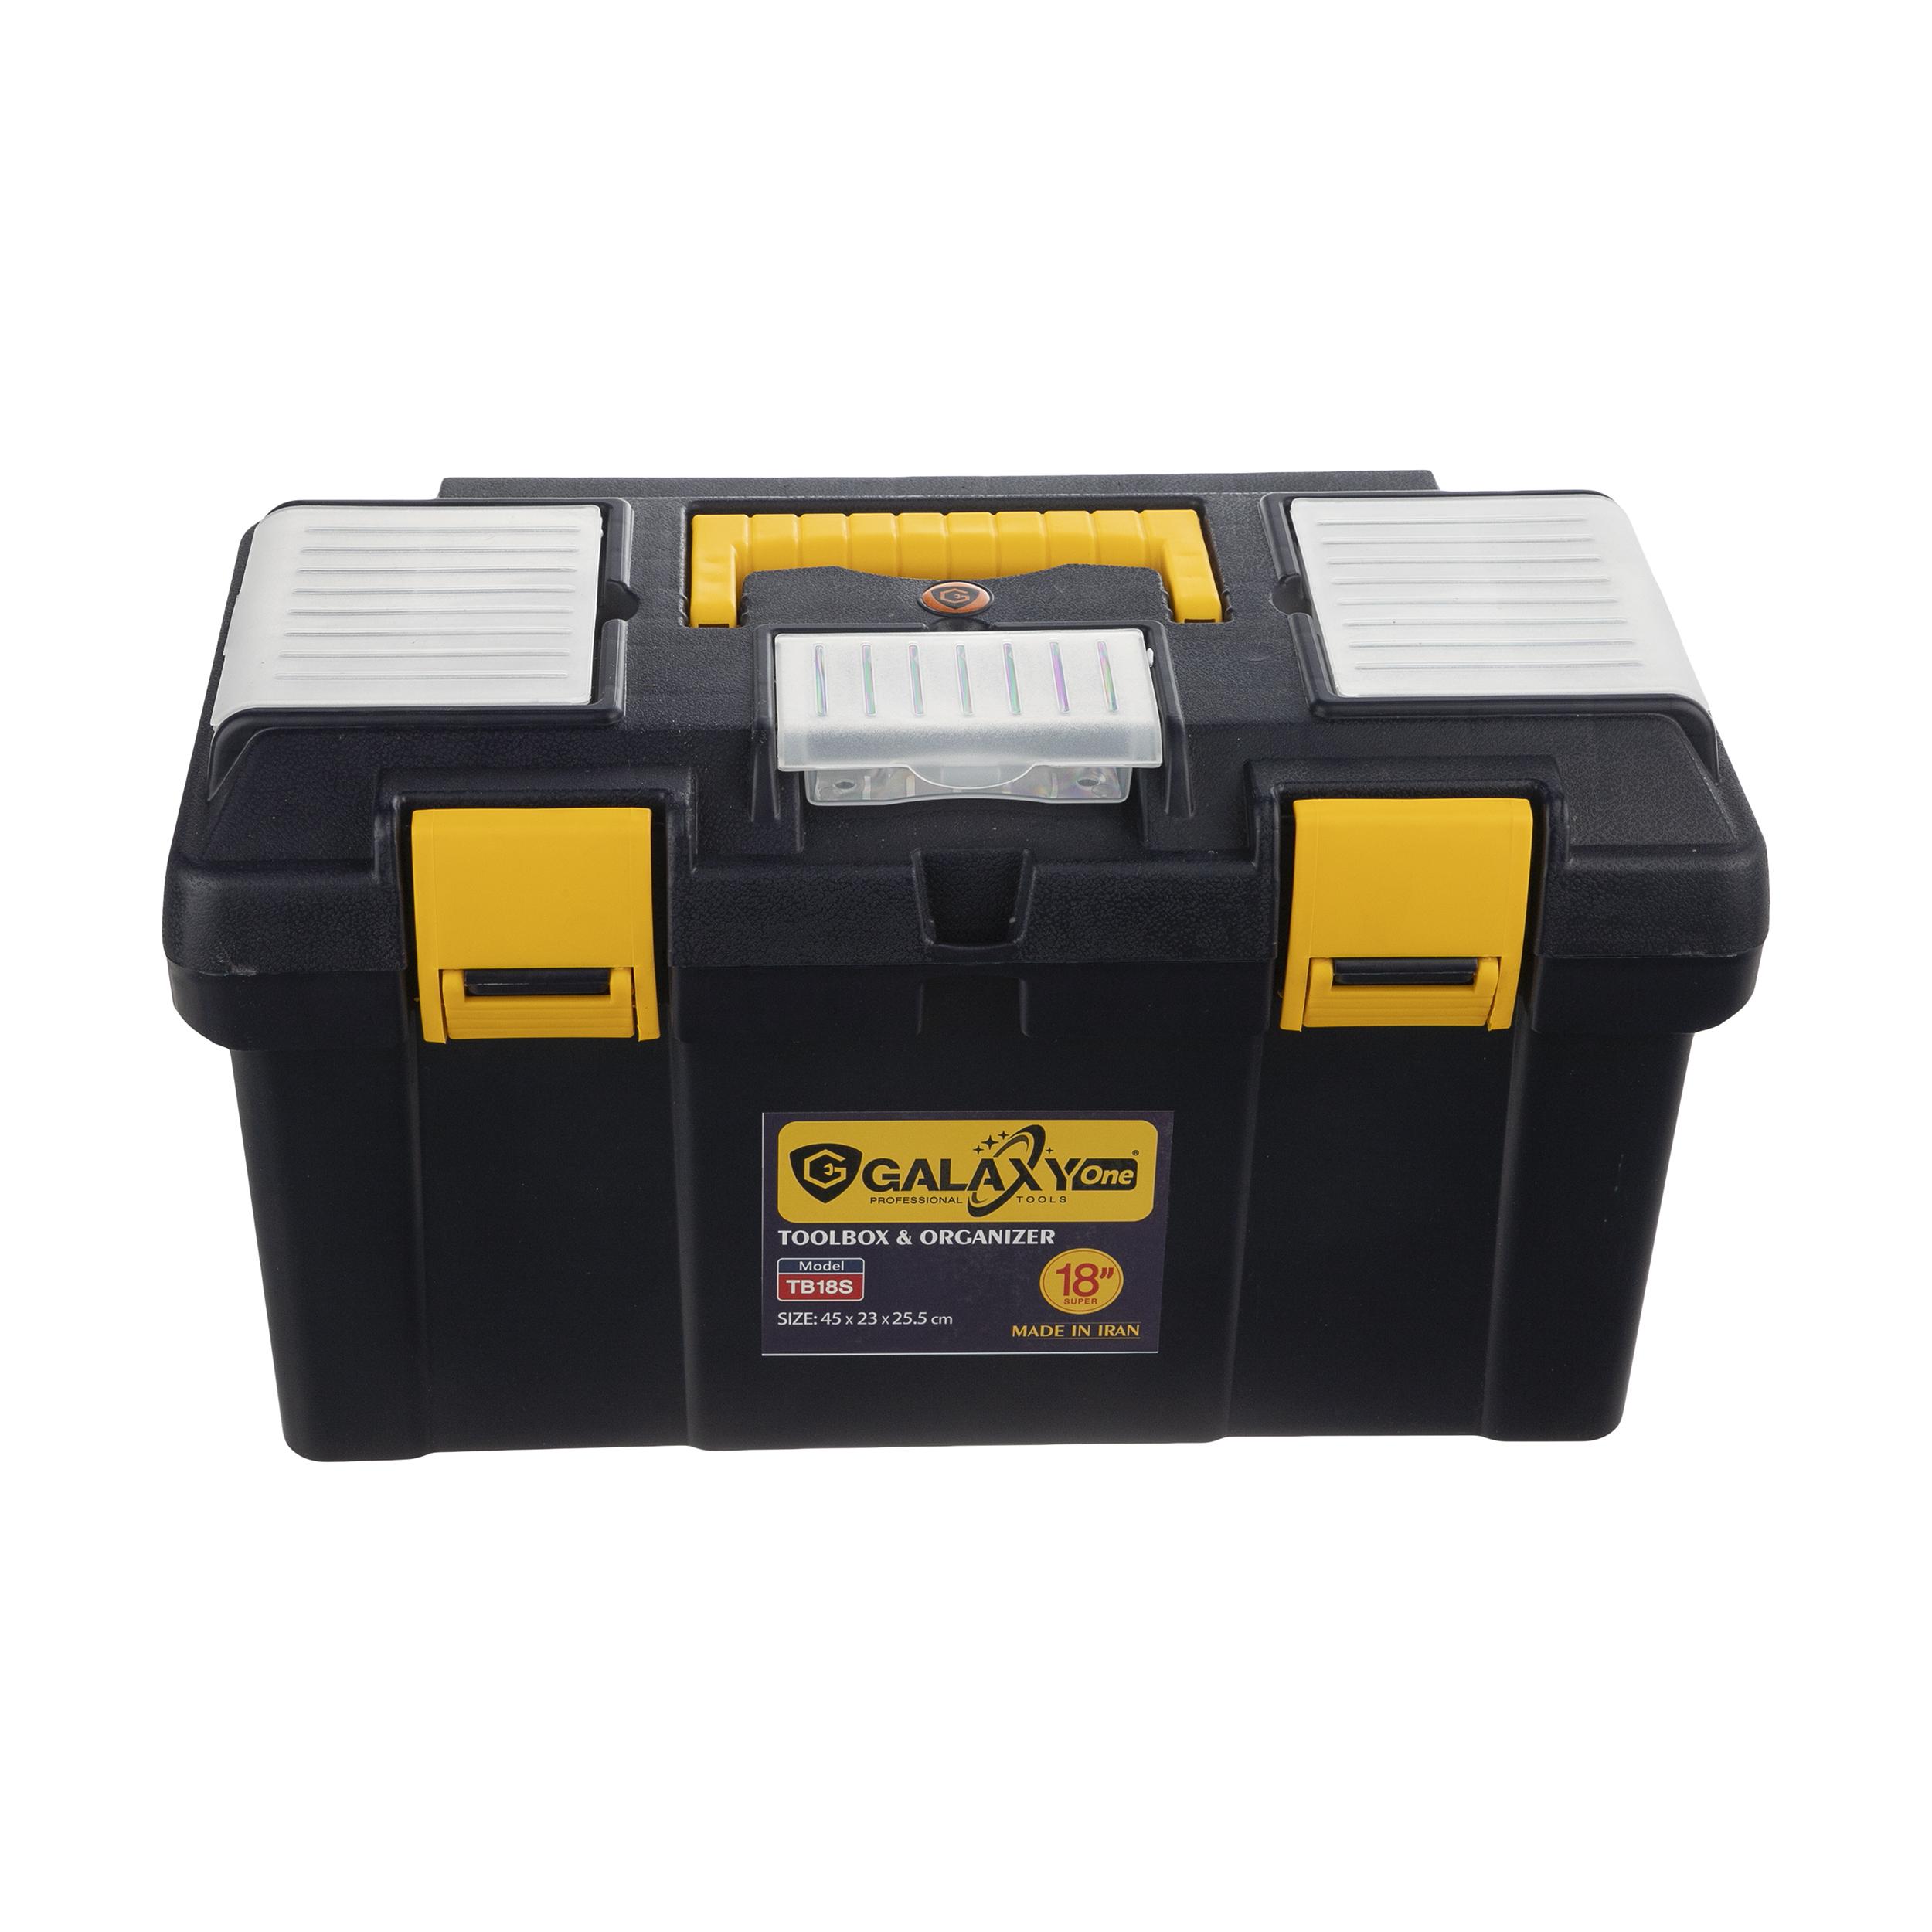 جعبه ابزار گلکسی وان مدل TB18S